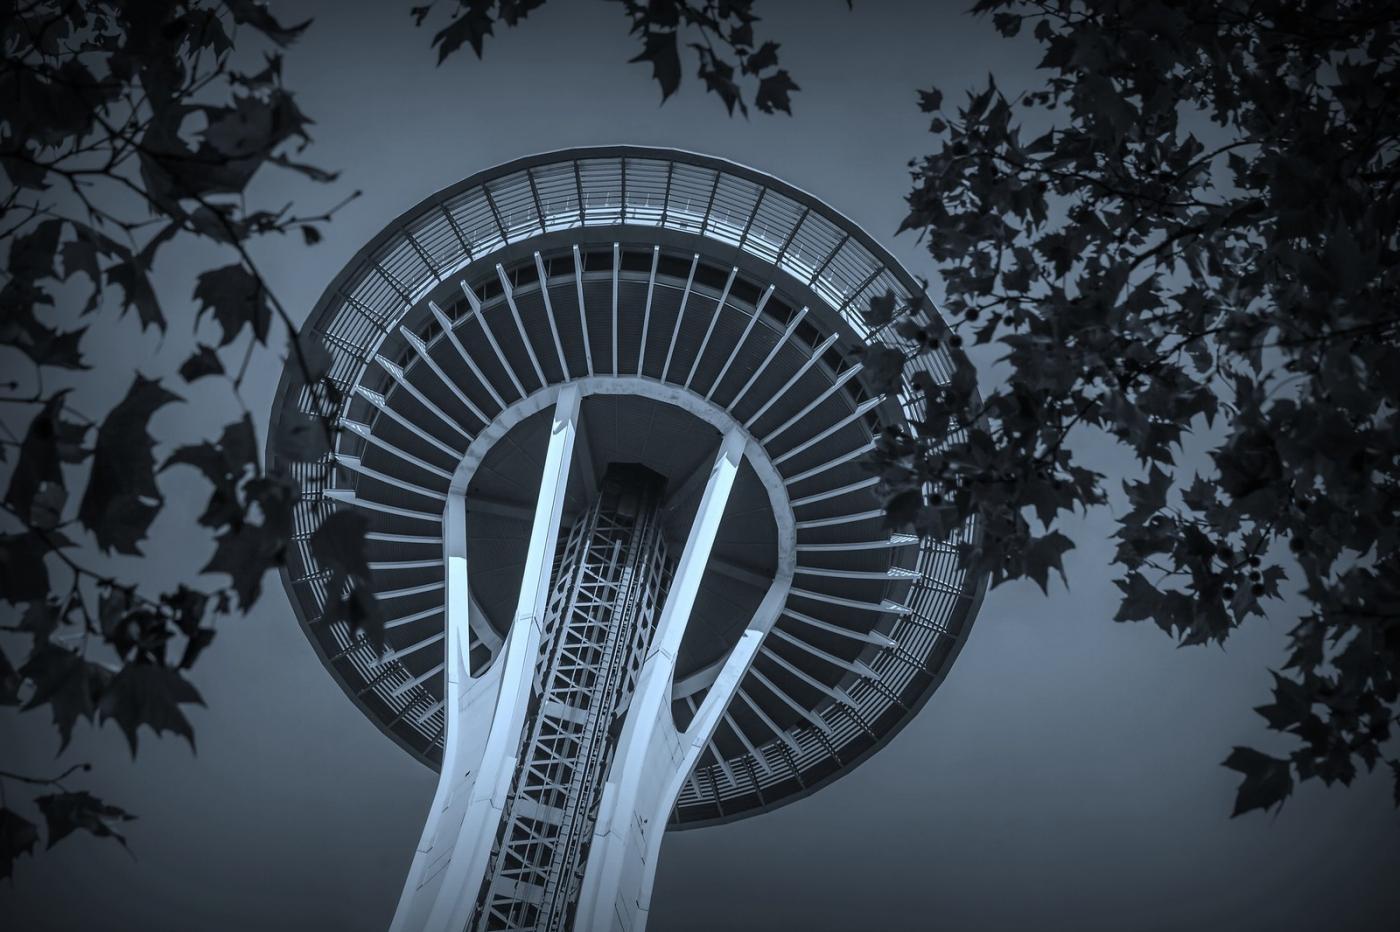 美国西雅图,太空针塔的英姿_图1-8